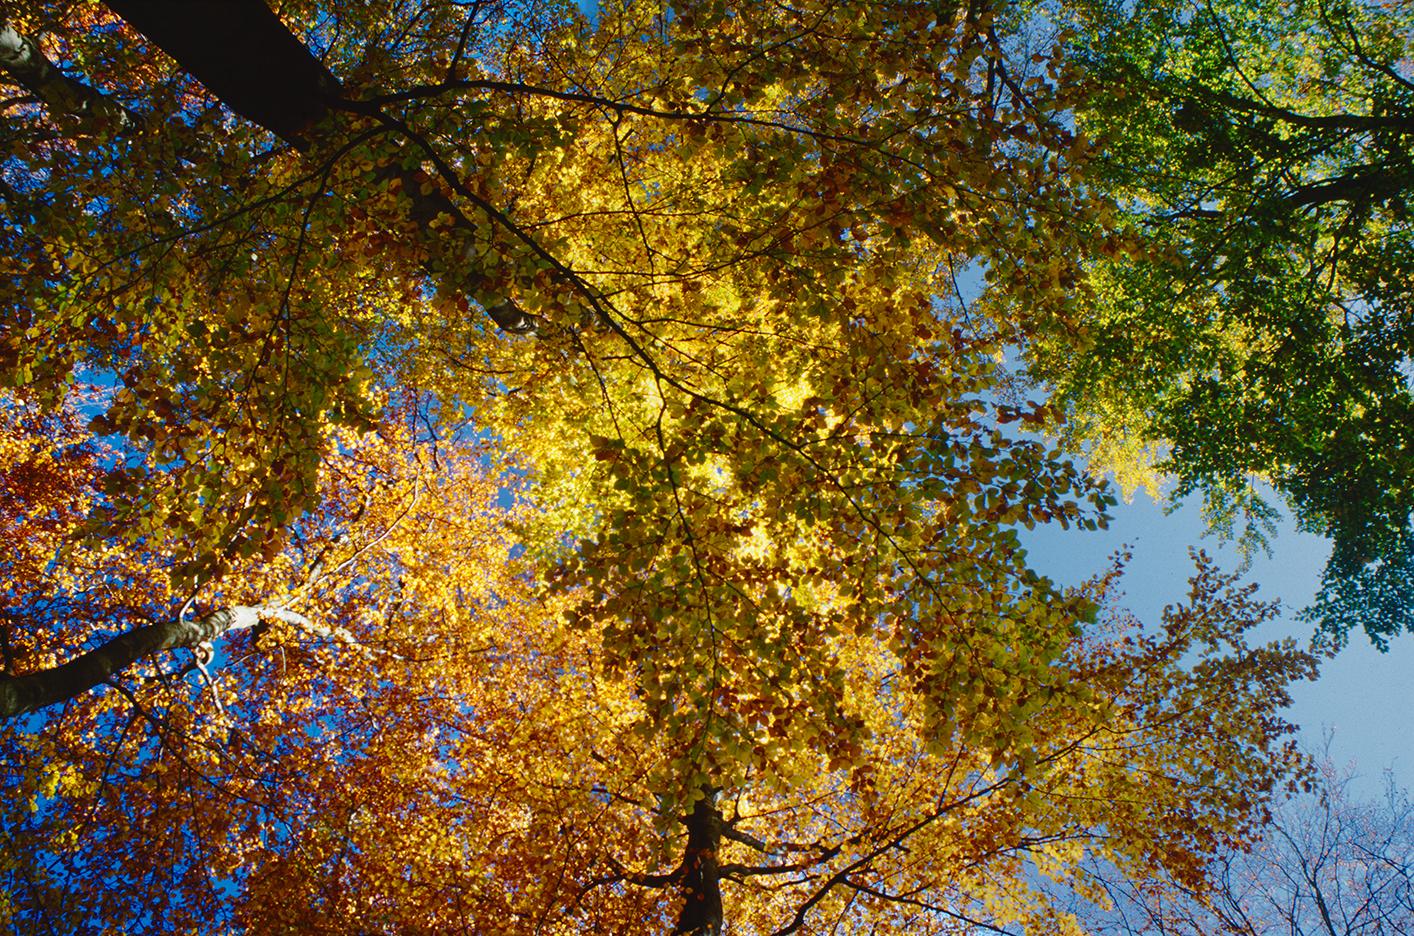 las, buki, Las Bukowy, Szczecin, Jezioro Szmaragdowe, krajobraz, kolorowe, Fujifilm Provia 100F, Praktica MTL-5B, Exakta 35-70/f 3.5-4.5 Fotografia jest prosta!